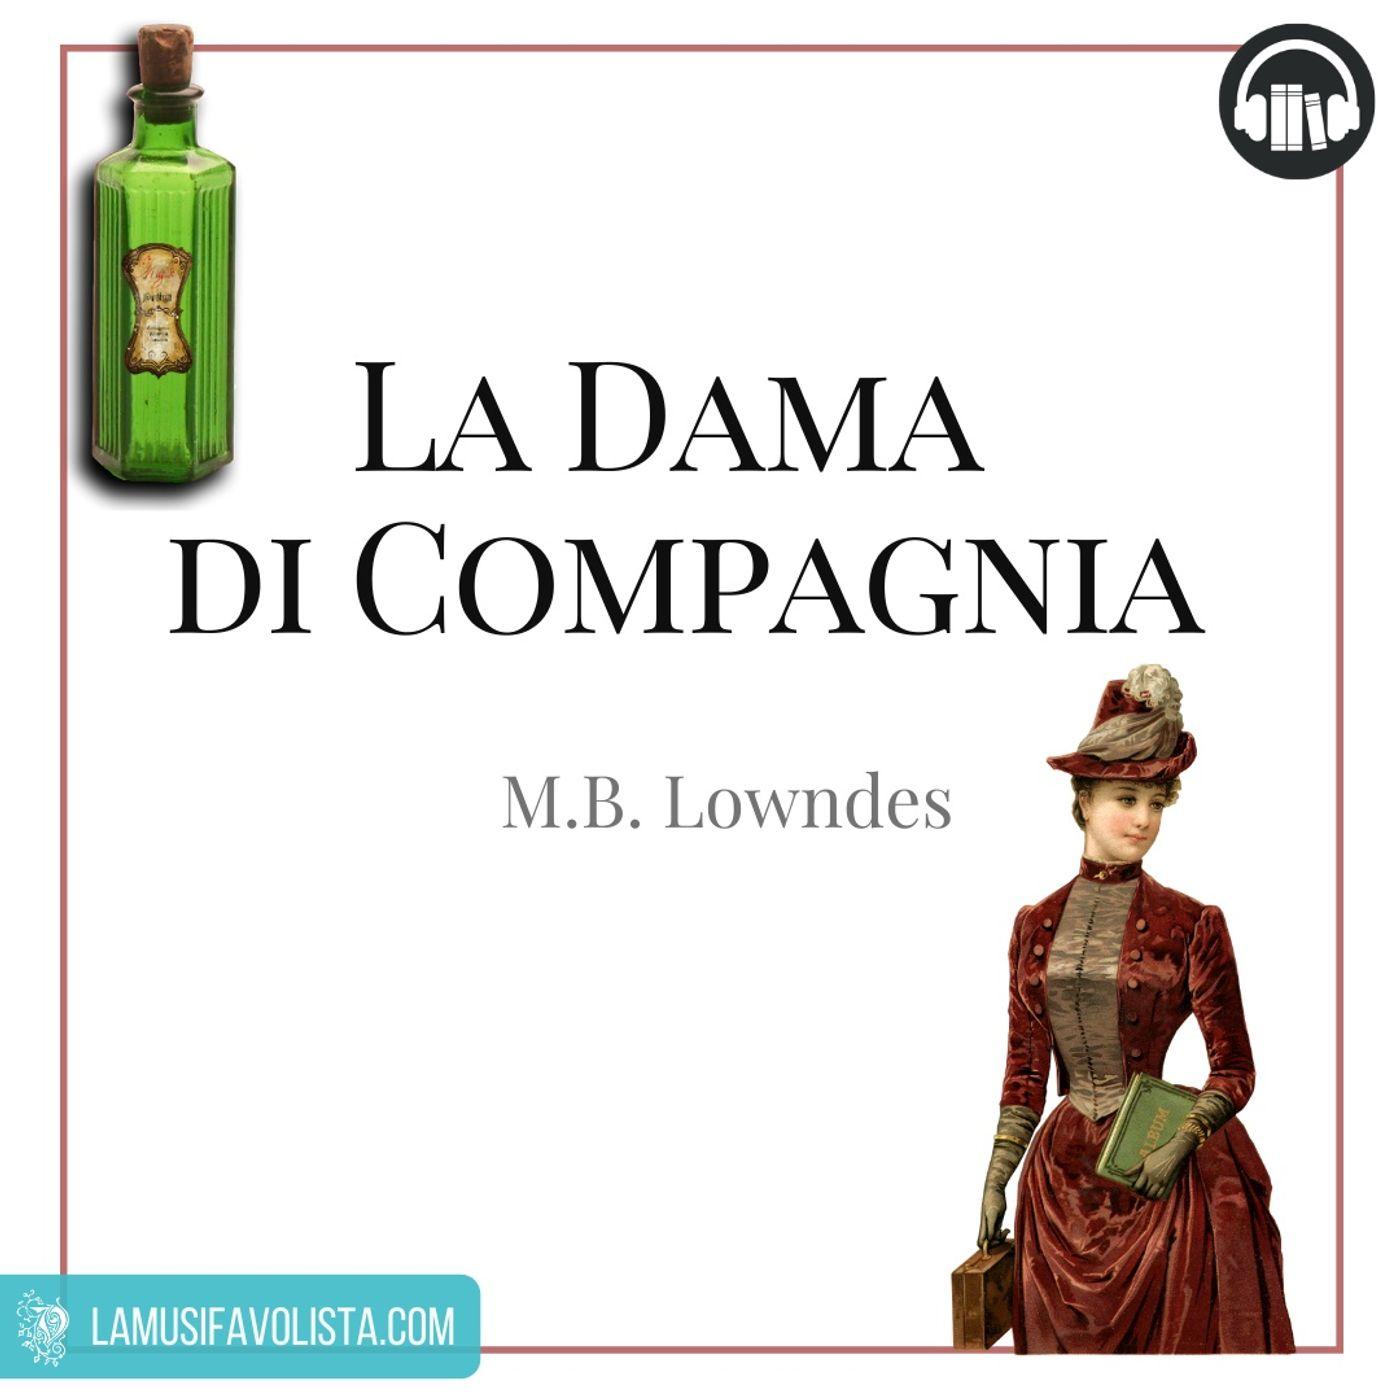 LA DAMA DI COMPAGNIA • M.B. Lowndes  • Prologo☆ Audiolibro ☆